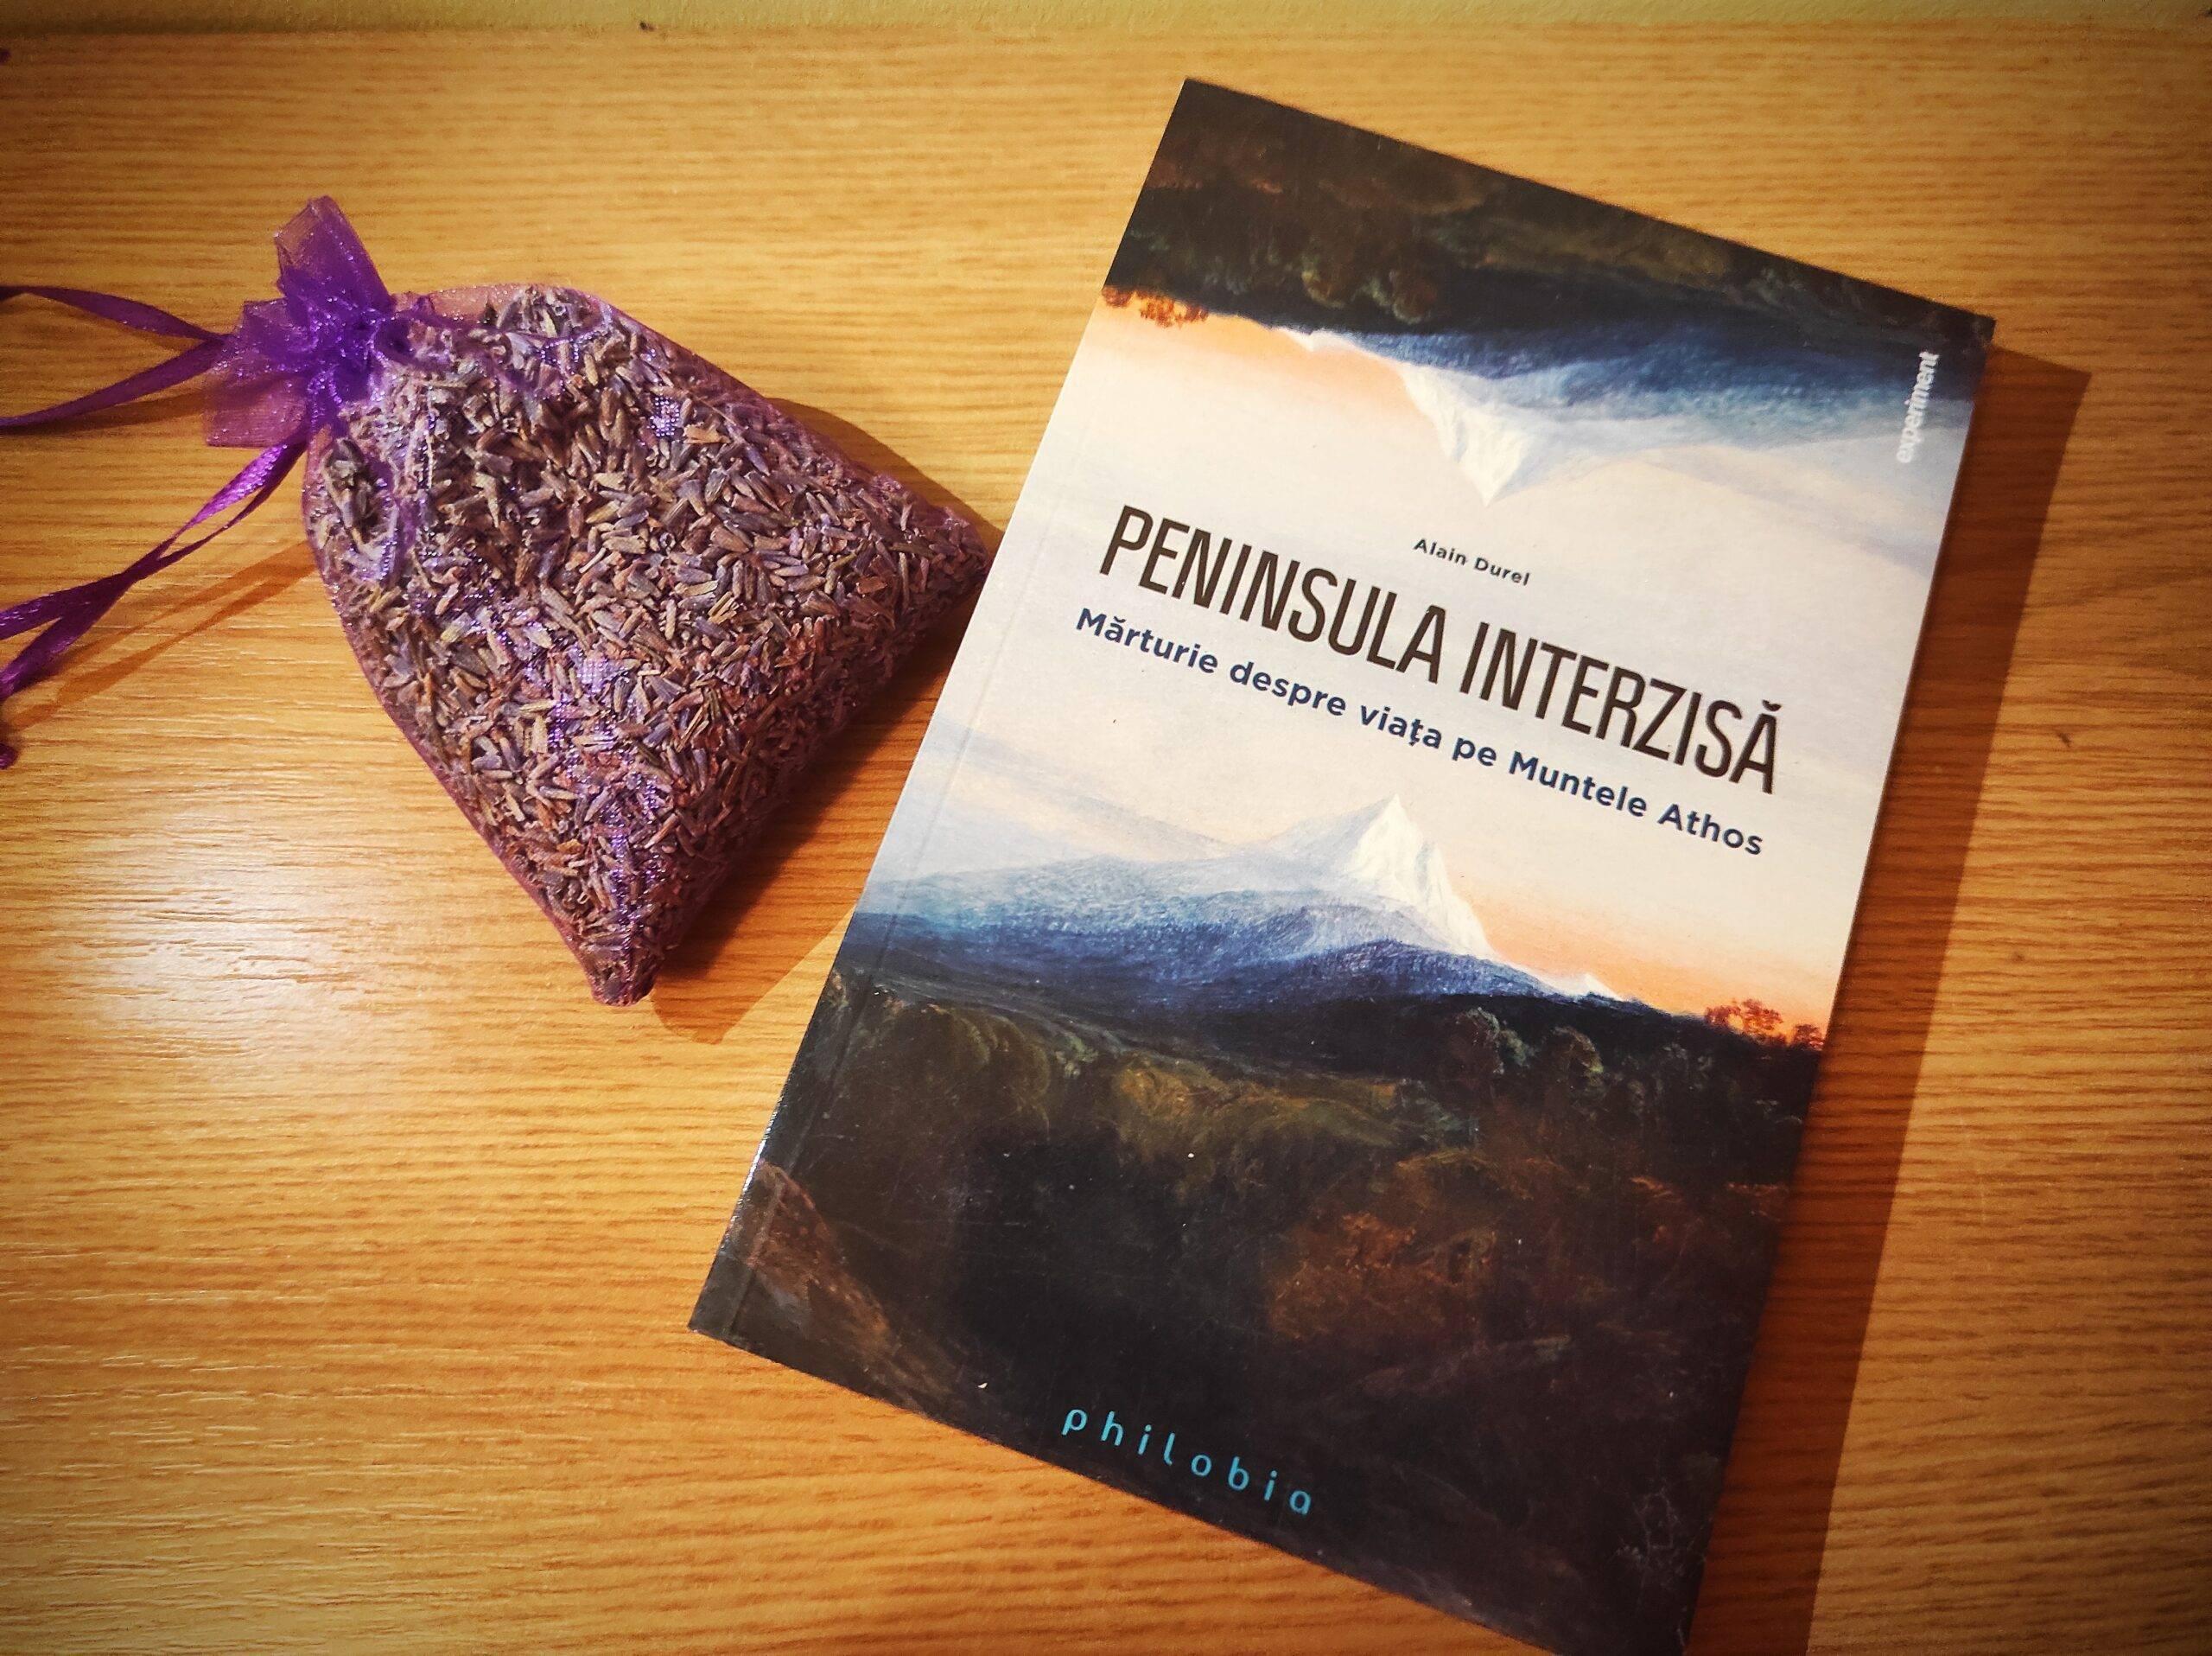 """""""Peninsula Interzisă. Mărturie despre viața pe Muntele Athos"""", de Alain Durel"""